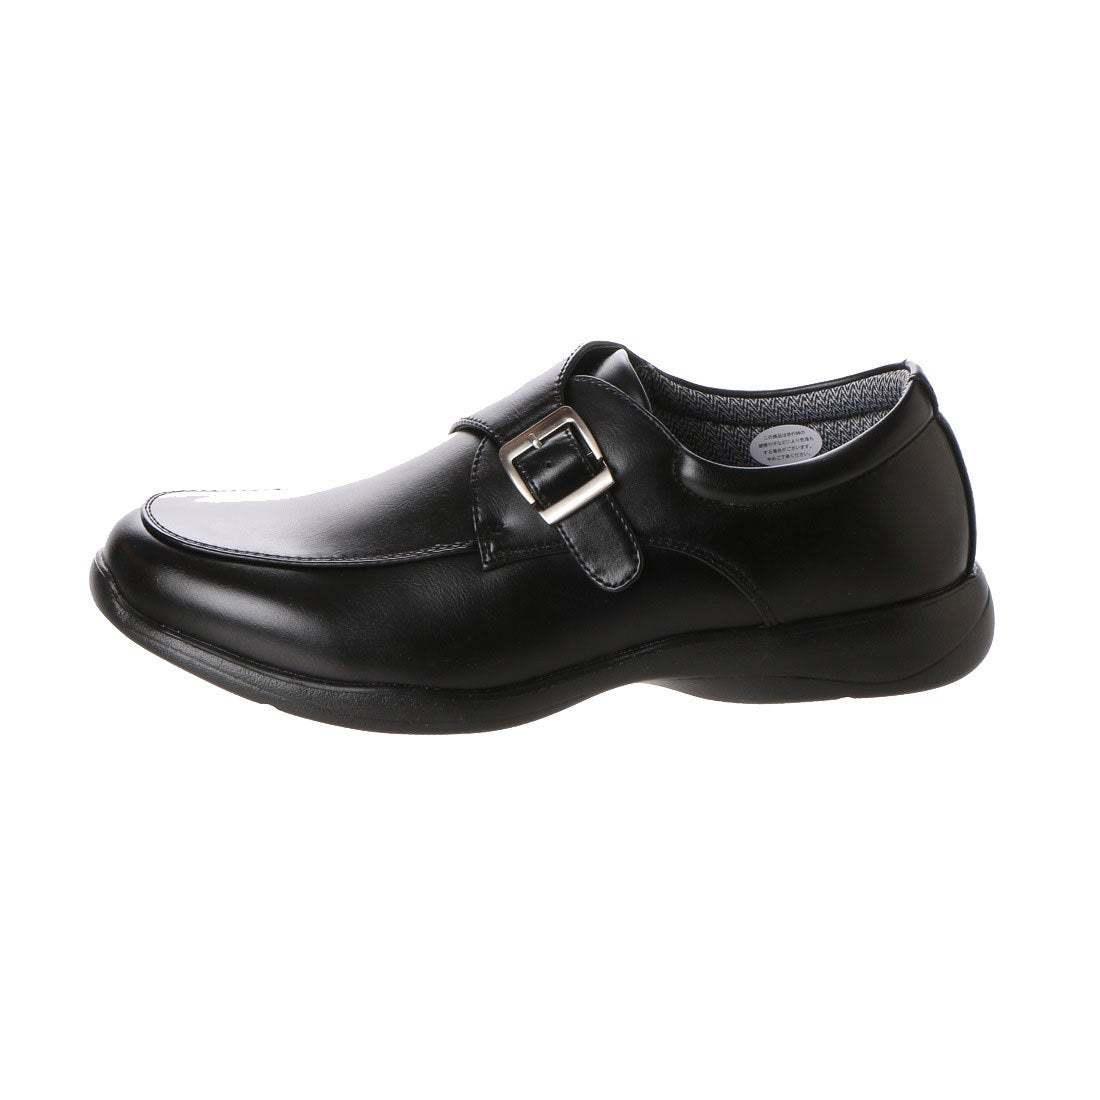 【安い】【超軽量】【防水】【幅広】GRAVITY FREE メンズ ウォーキング ビジネスシューズ 紳士靴 革靴 402 ベルト ブラック 黒 25.5cm